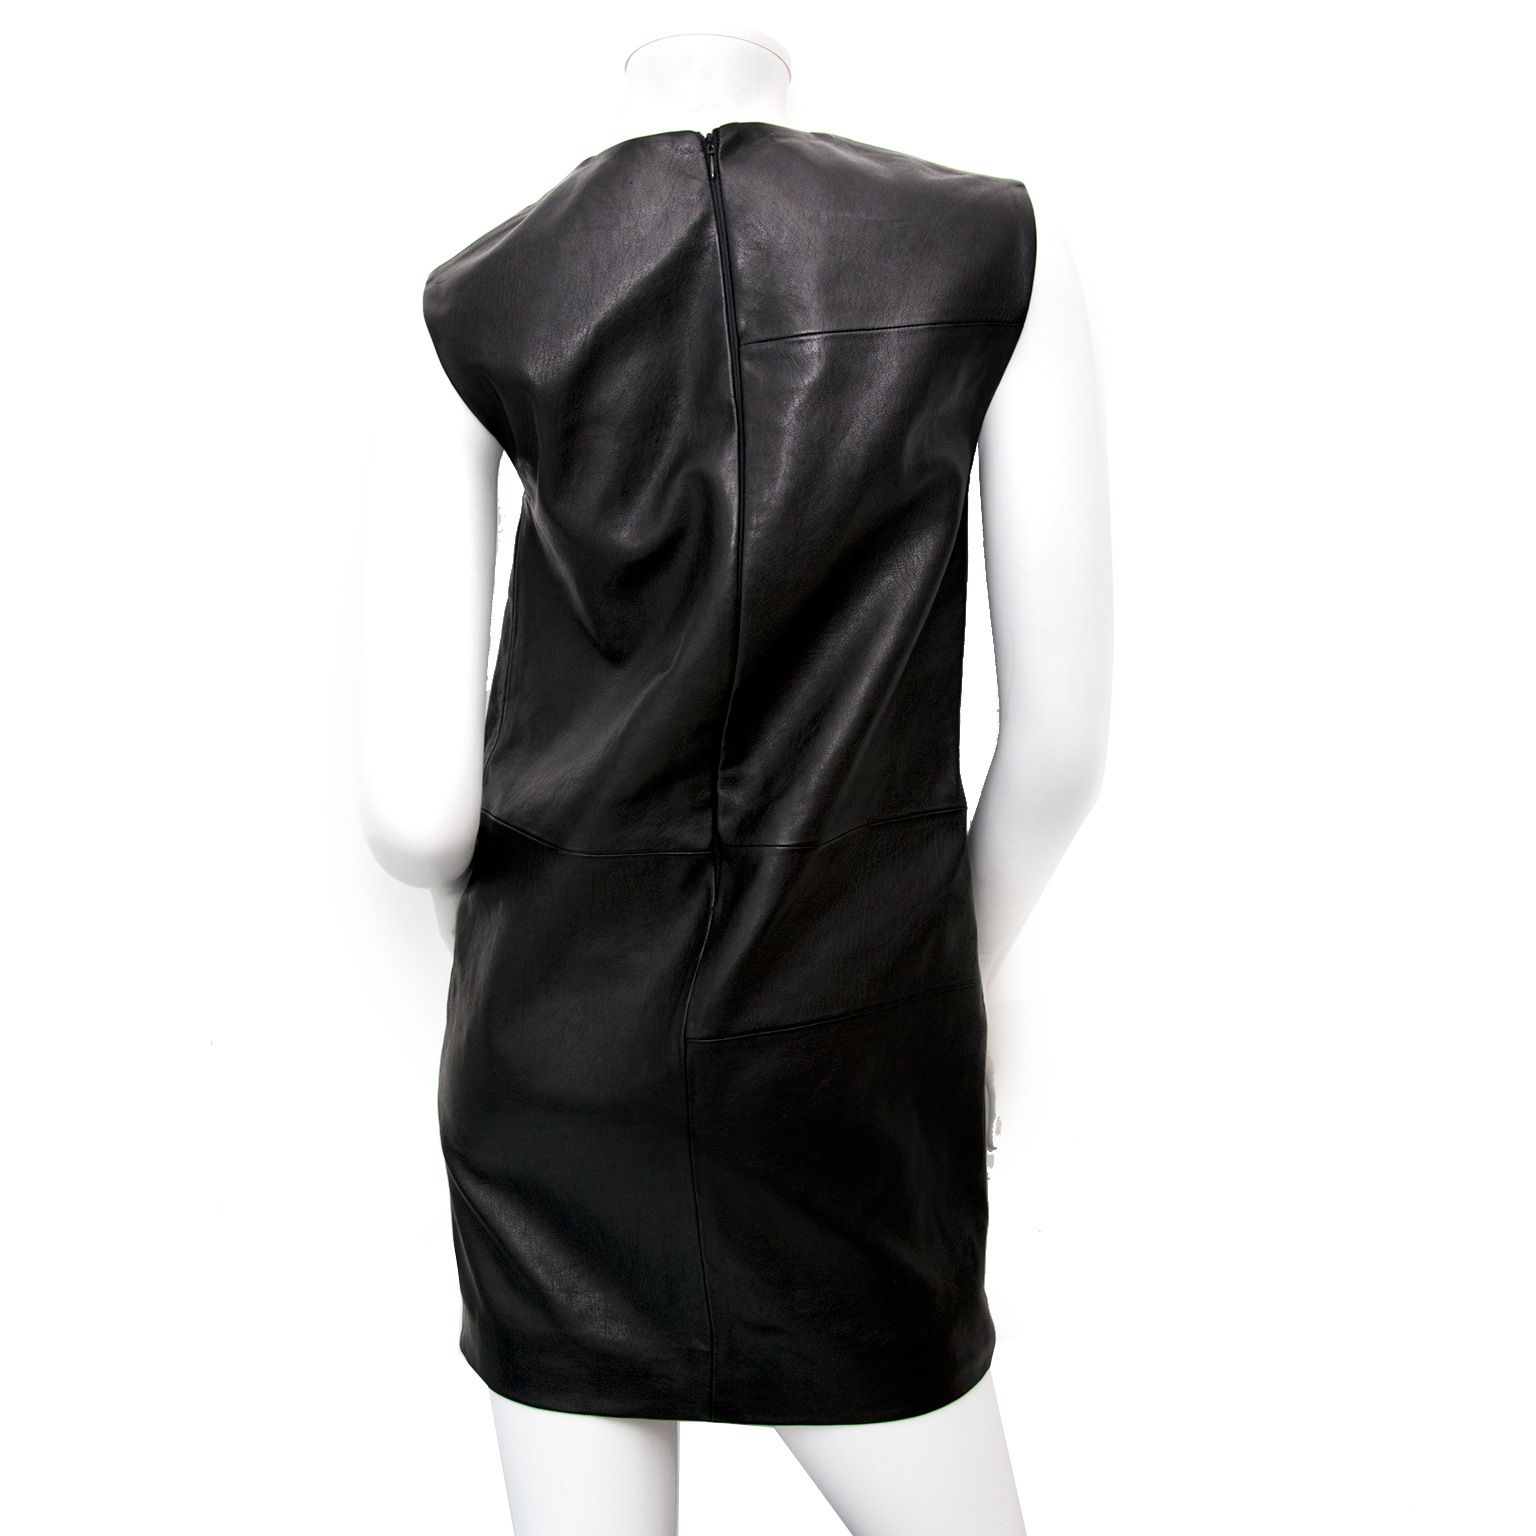 saint laurent mondrian leather dress now online at labellov.com